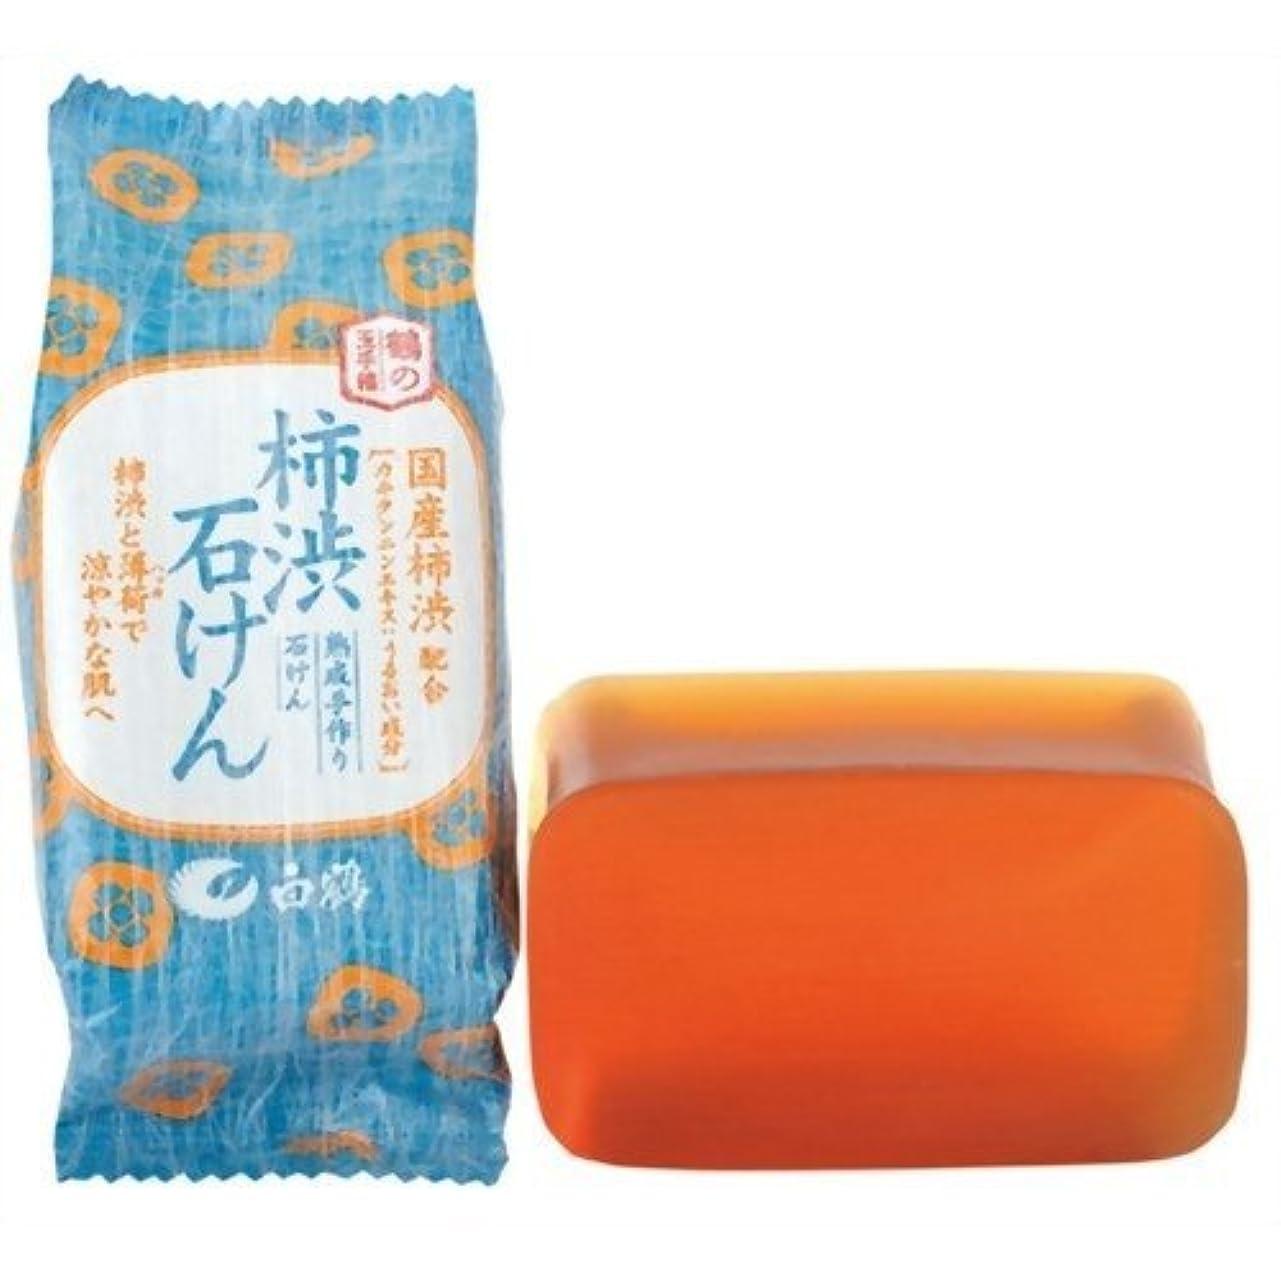 配管うめき皮肉な白鶴 鶴の玉手箱 薬用 柿渋石けん 110g × 5個